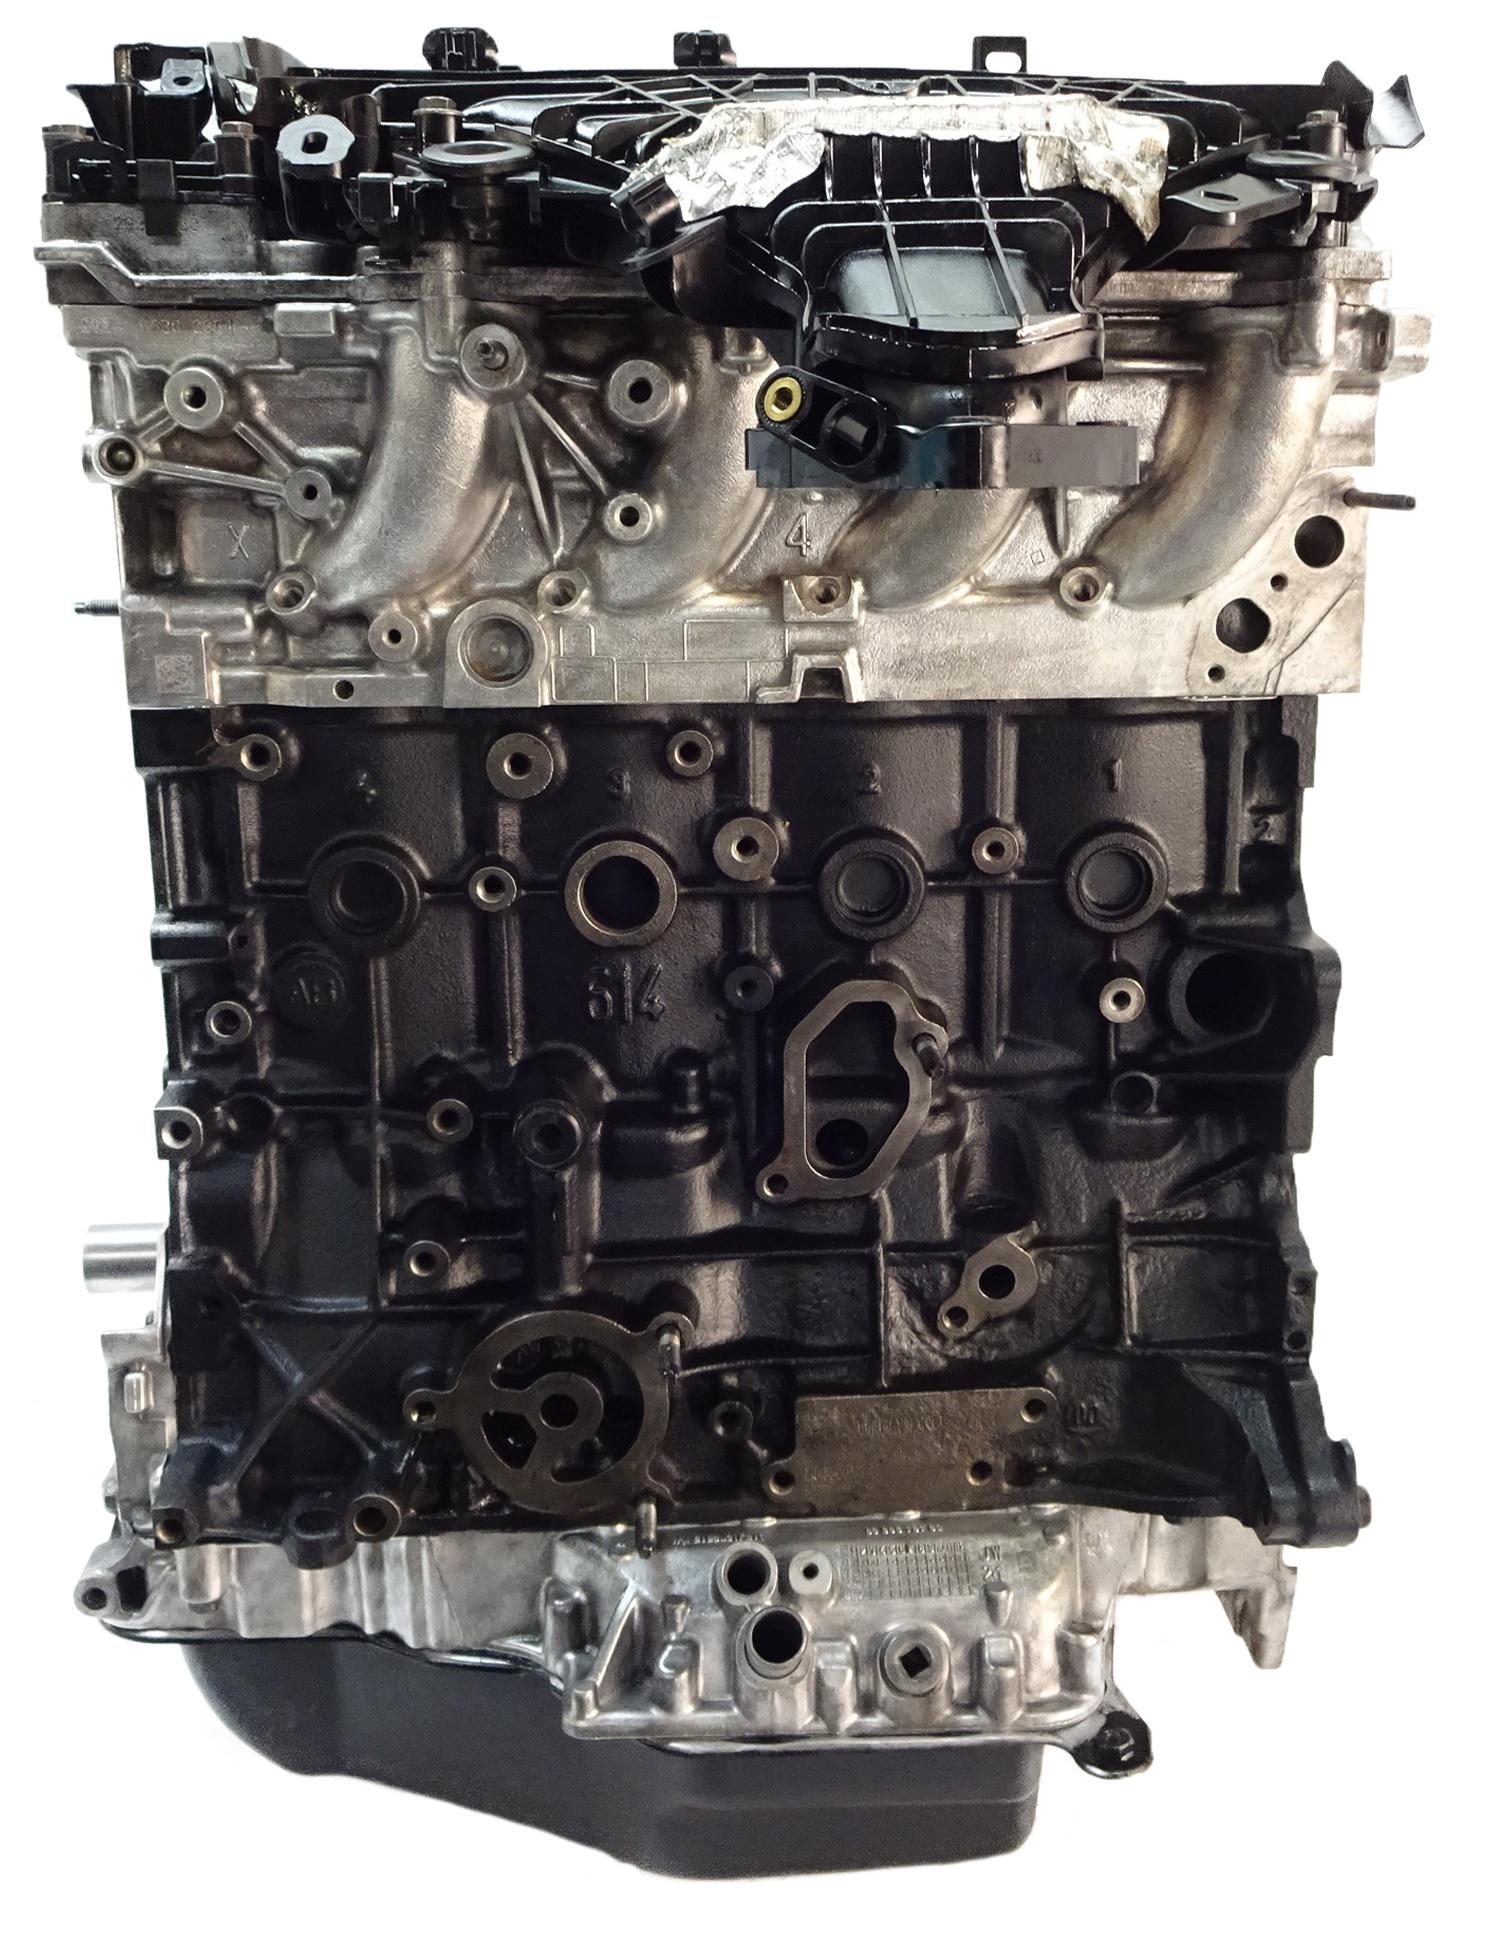 Motor 2010 Ford Mondeo IV 2,0 TDCi Diesel UFBA 140 PS